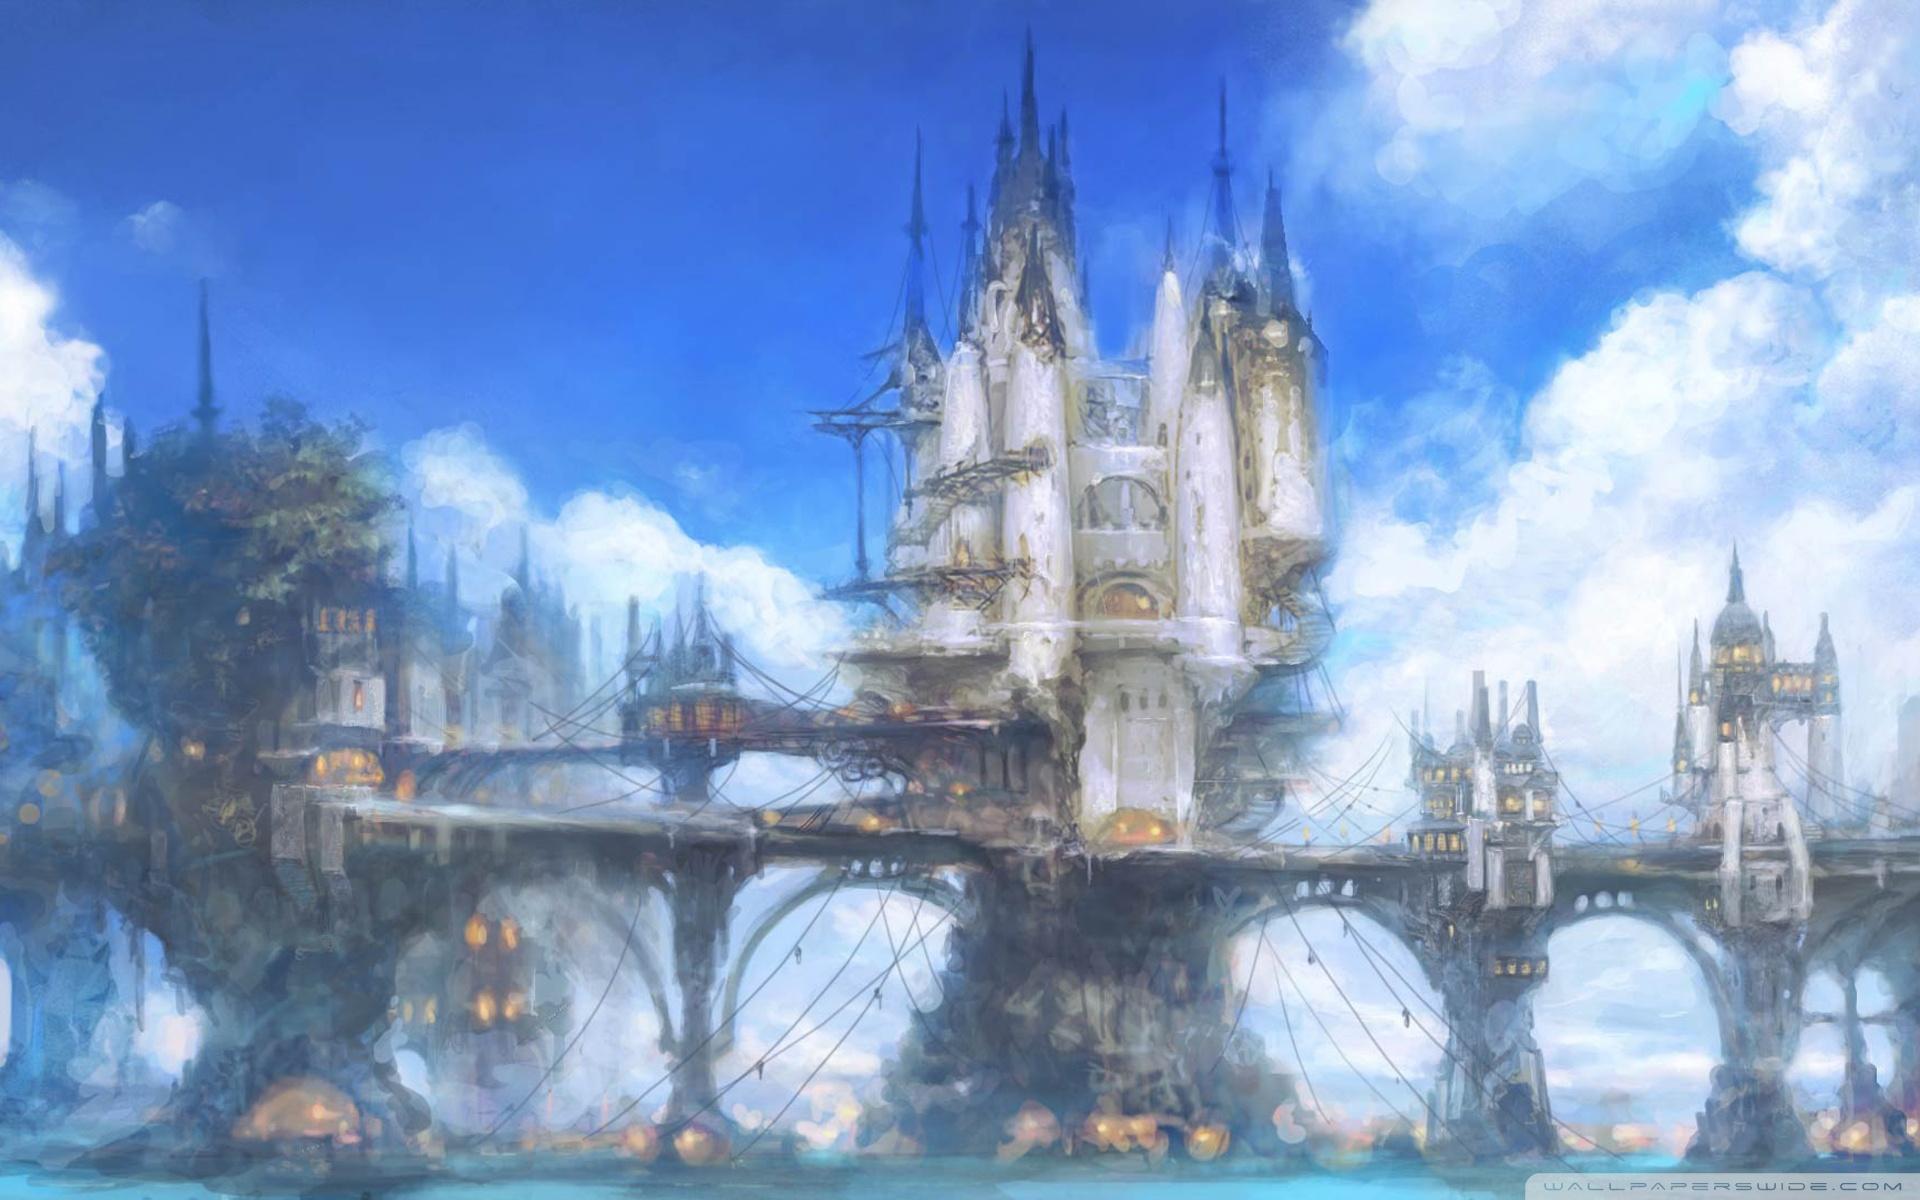 Final Fantasy XIV Online HD desktop wallpaper : Widescreen : High